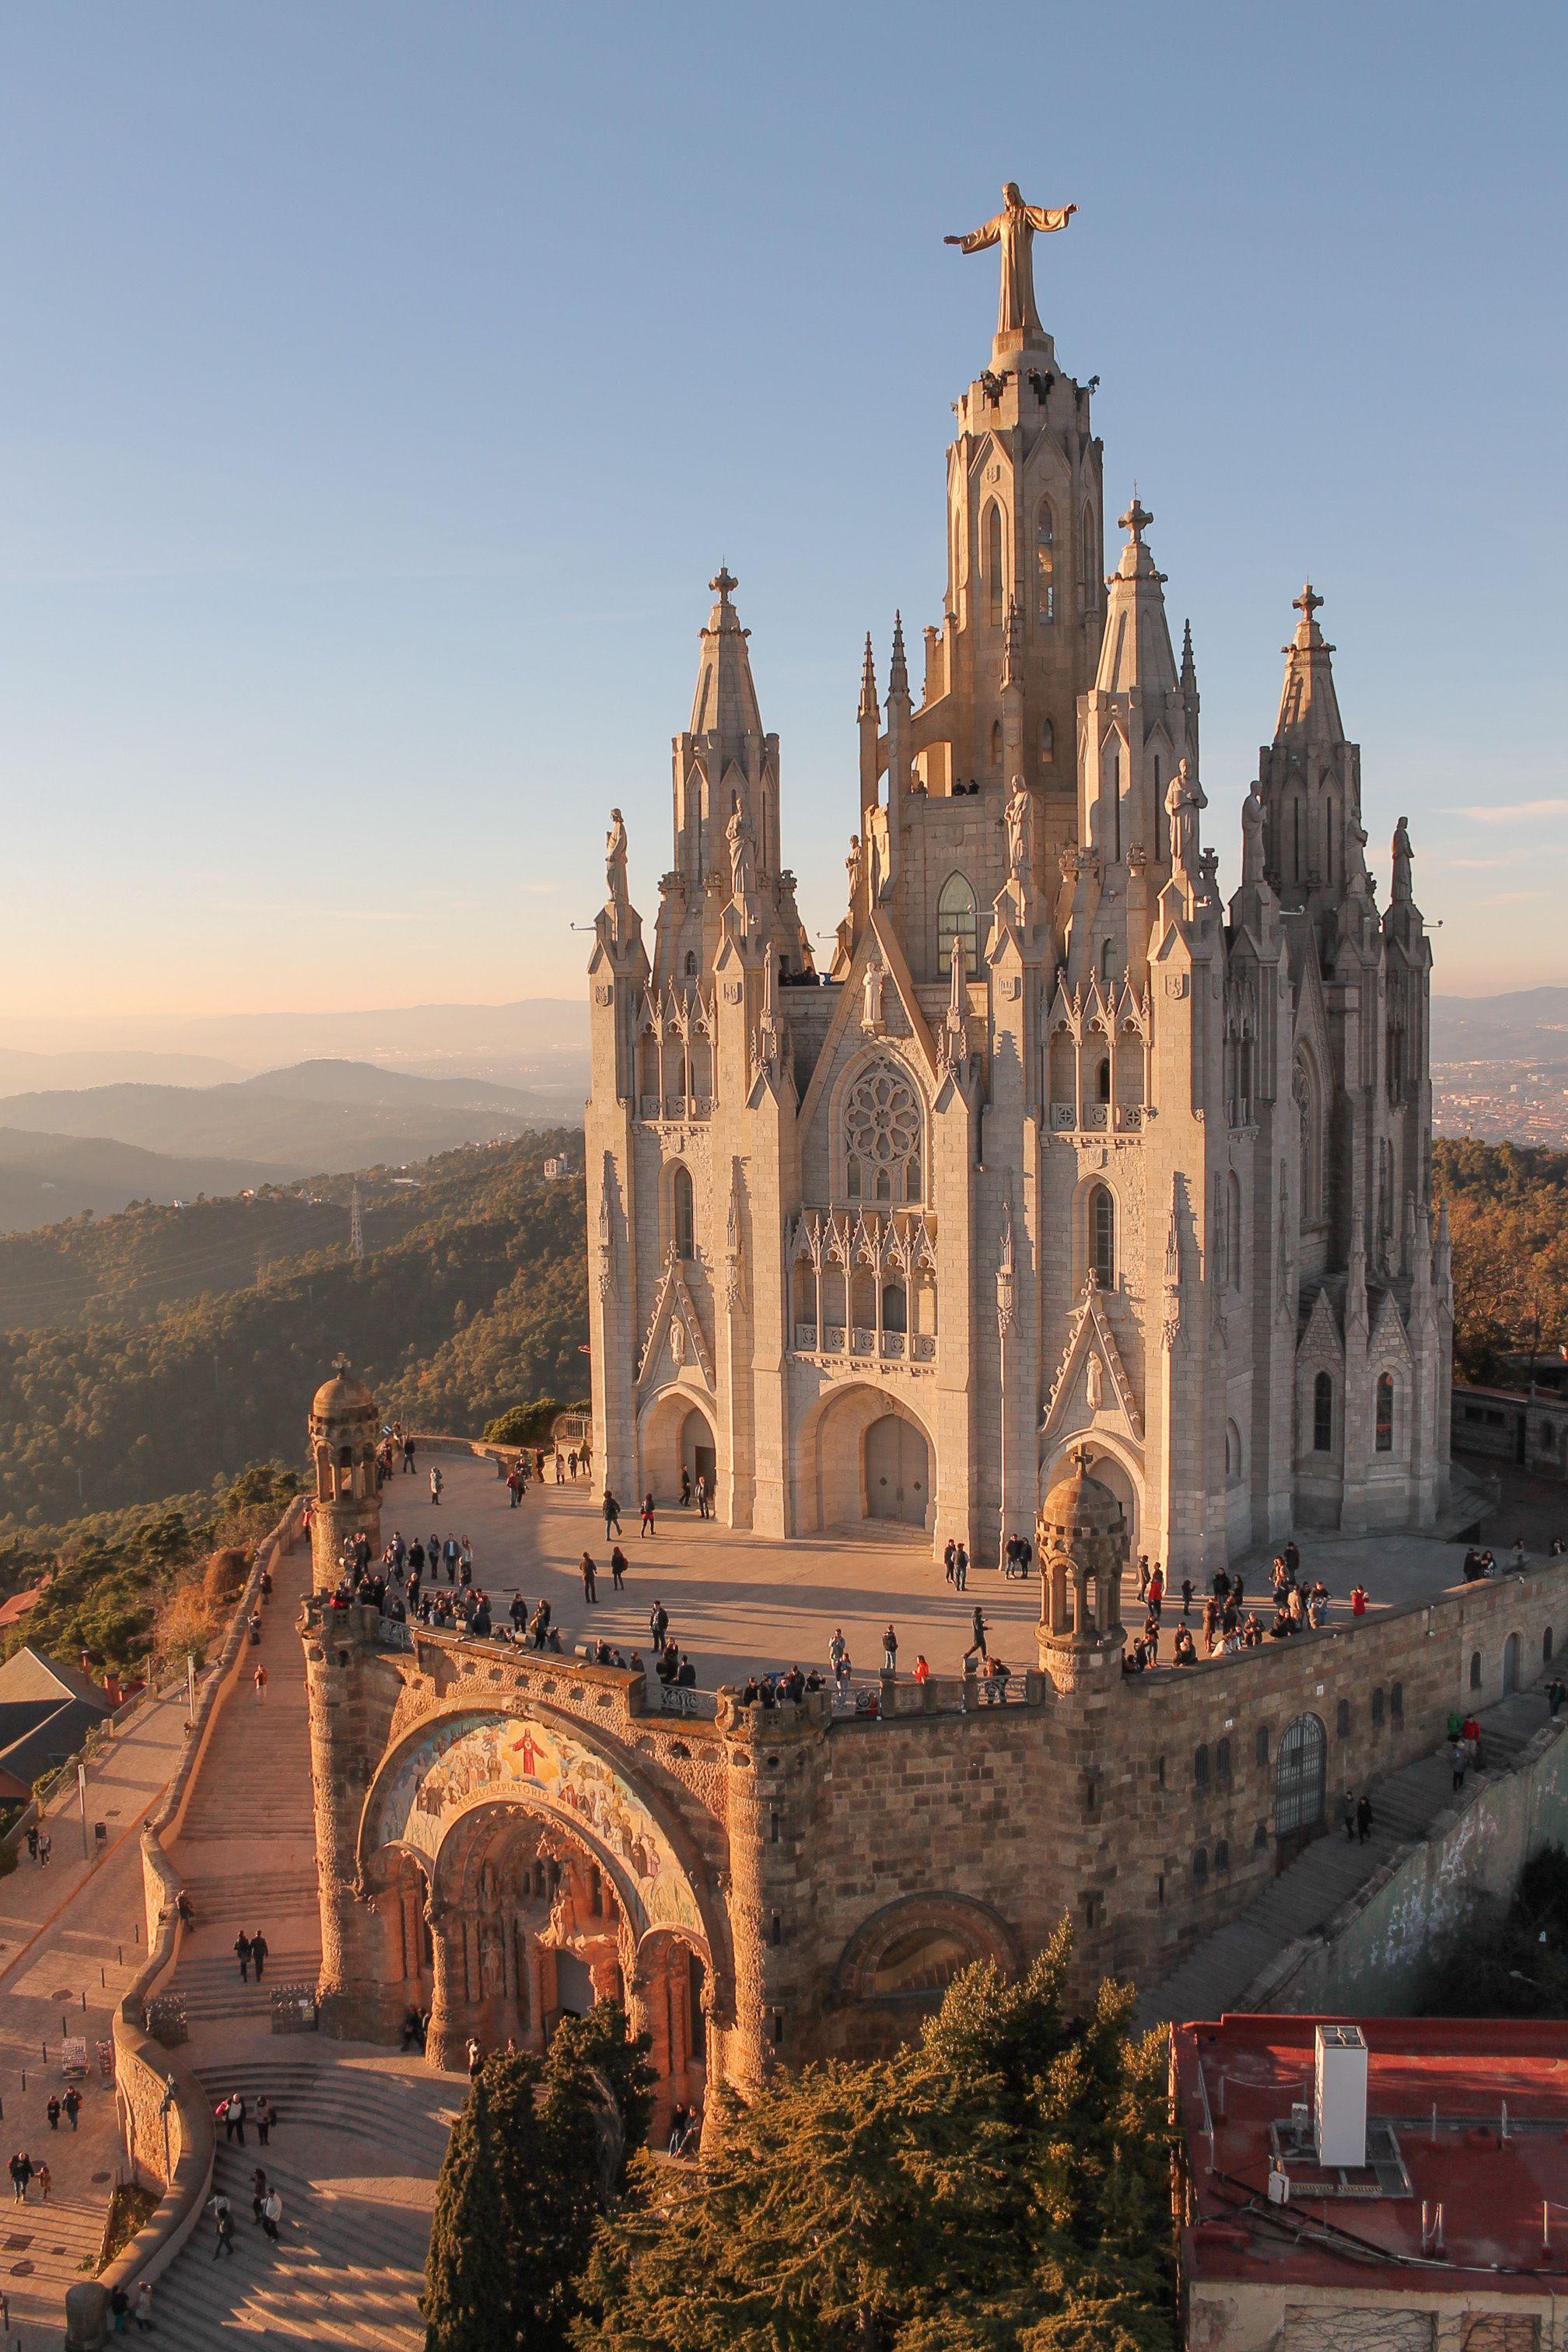 Esta La Iglesia Muy Grande La Familia De Marco Es Muy Religiosos Tambien Ana Y La Familia Visitara Pront Lugares De Espana Lugares Preciosos Lugares Hermosos